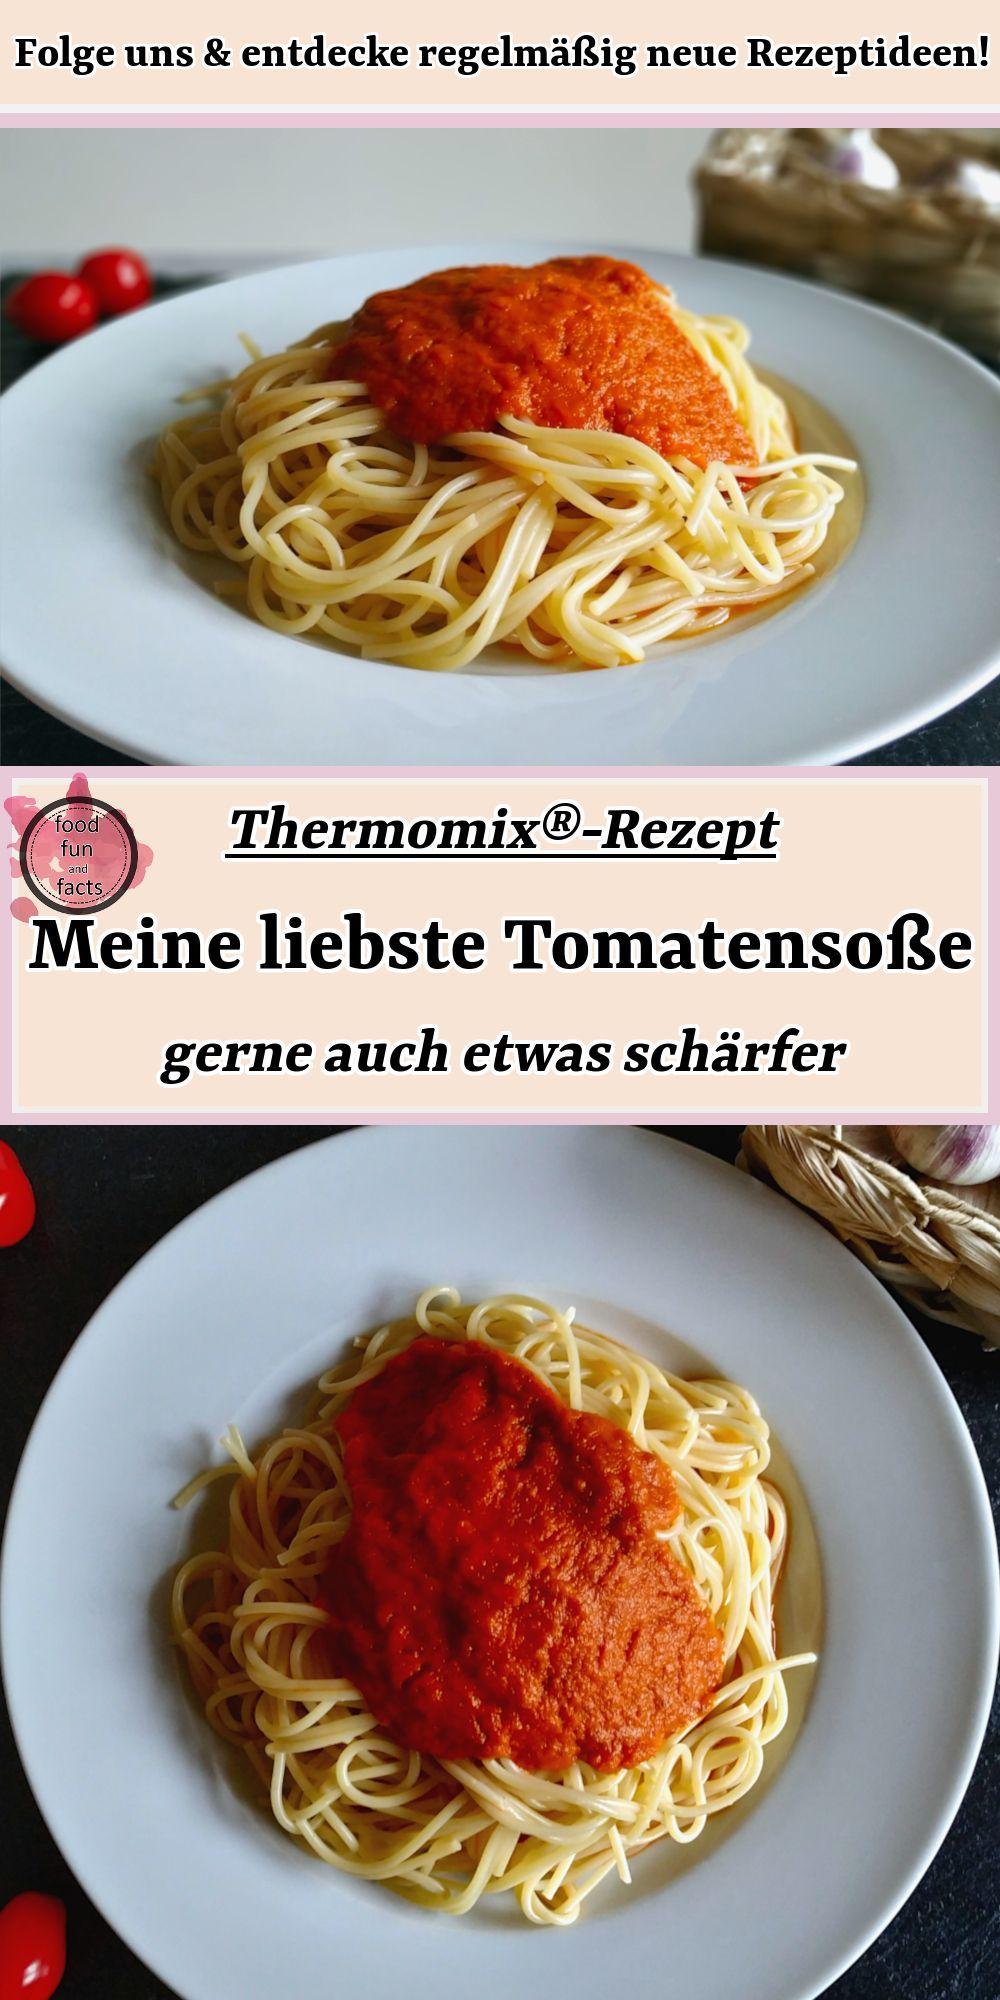 Meine liebste Tomatensoße – gerne auch etwas schärfer   Thermomix®-Rezept  – Rezepte Ideen